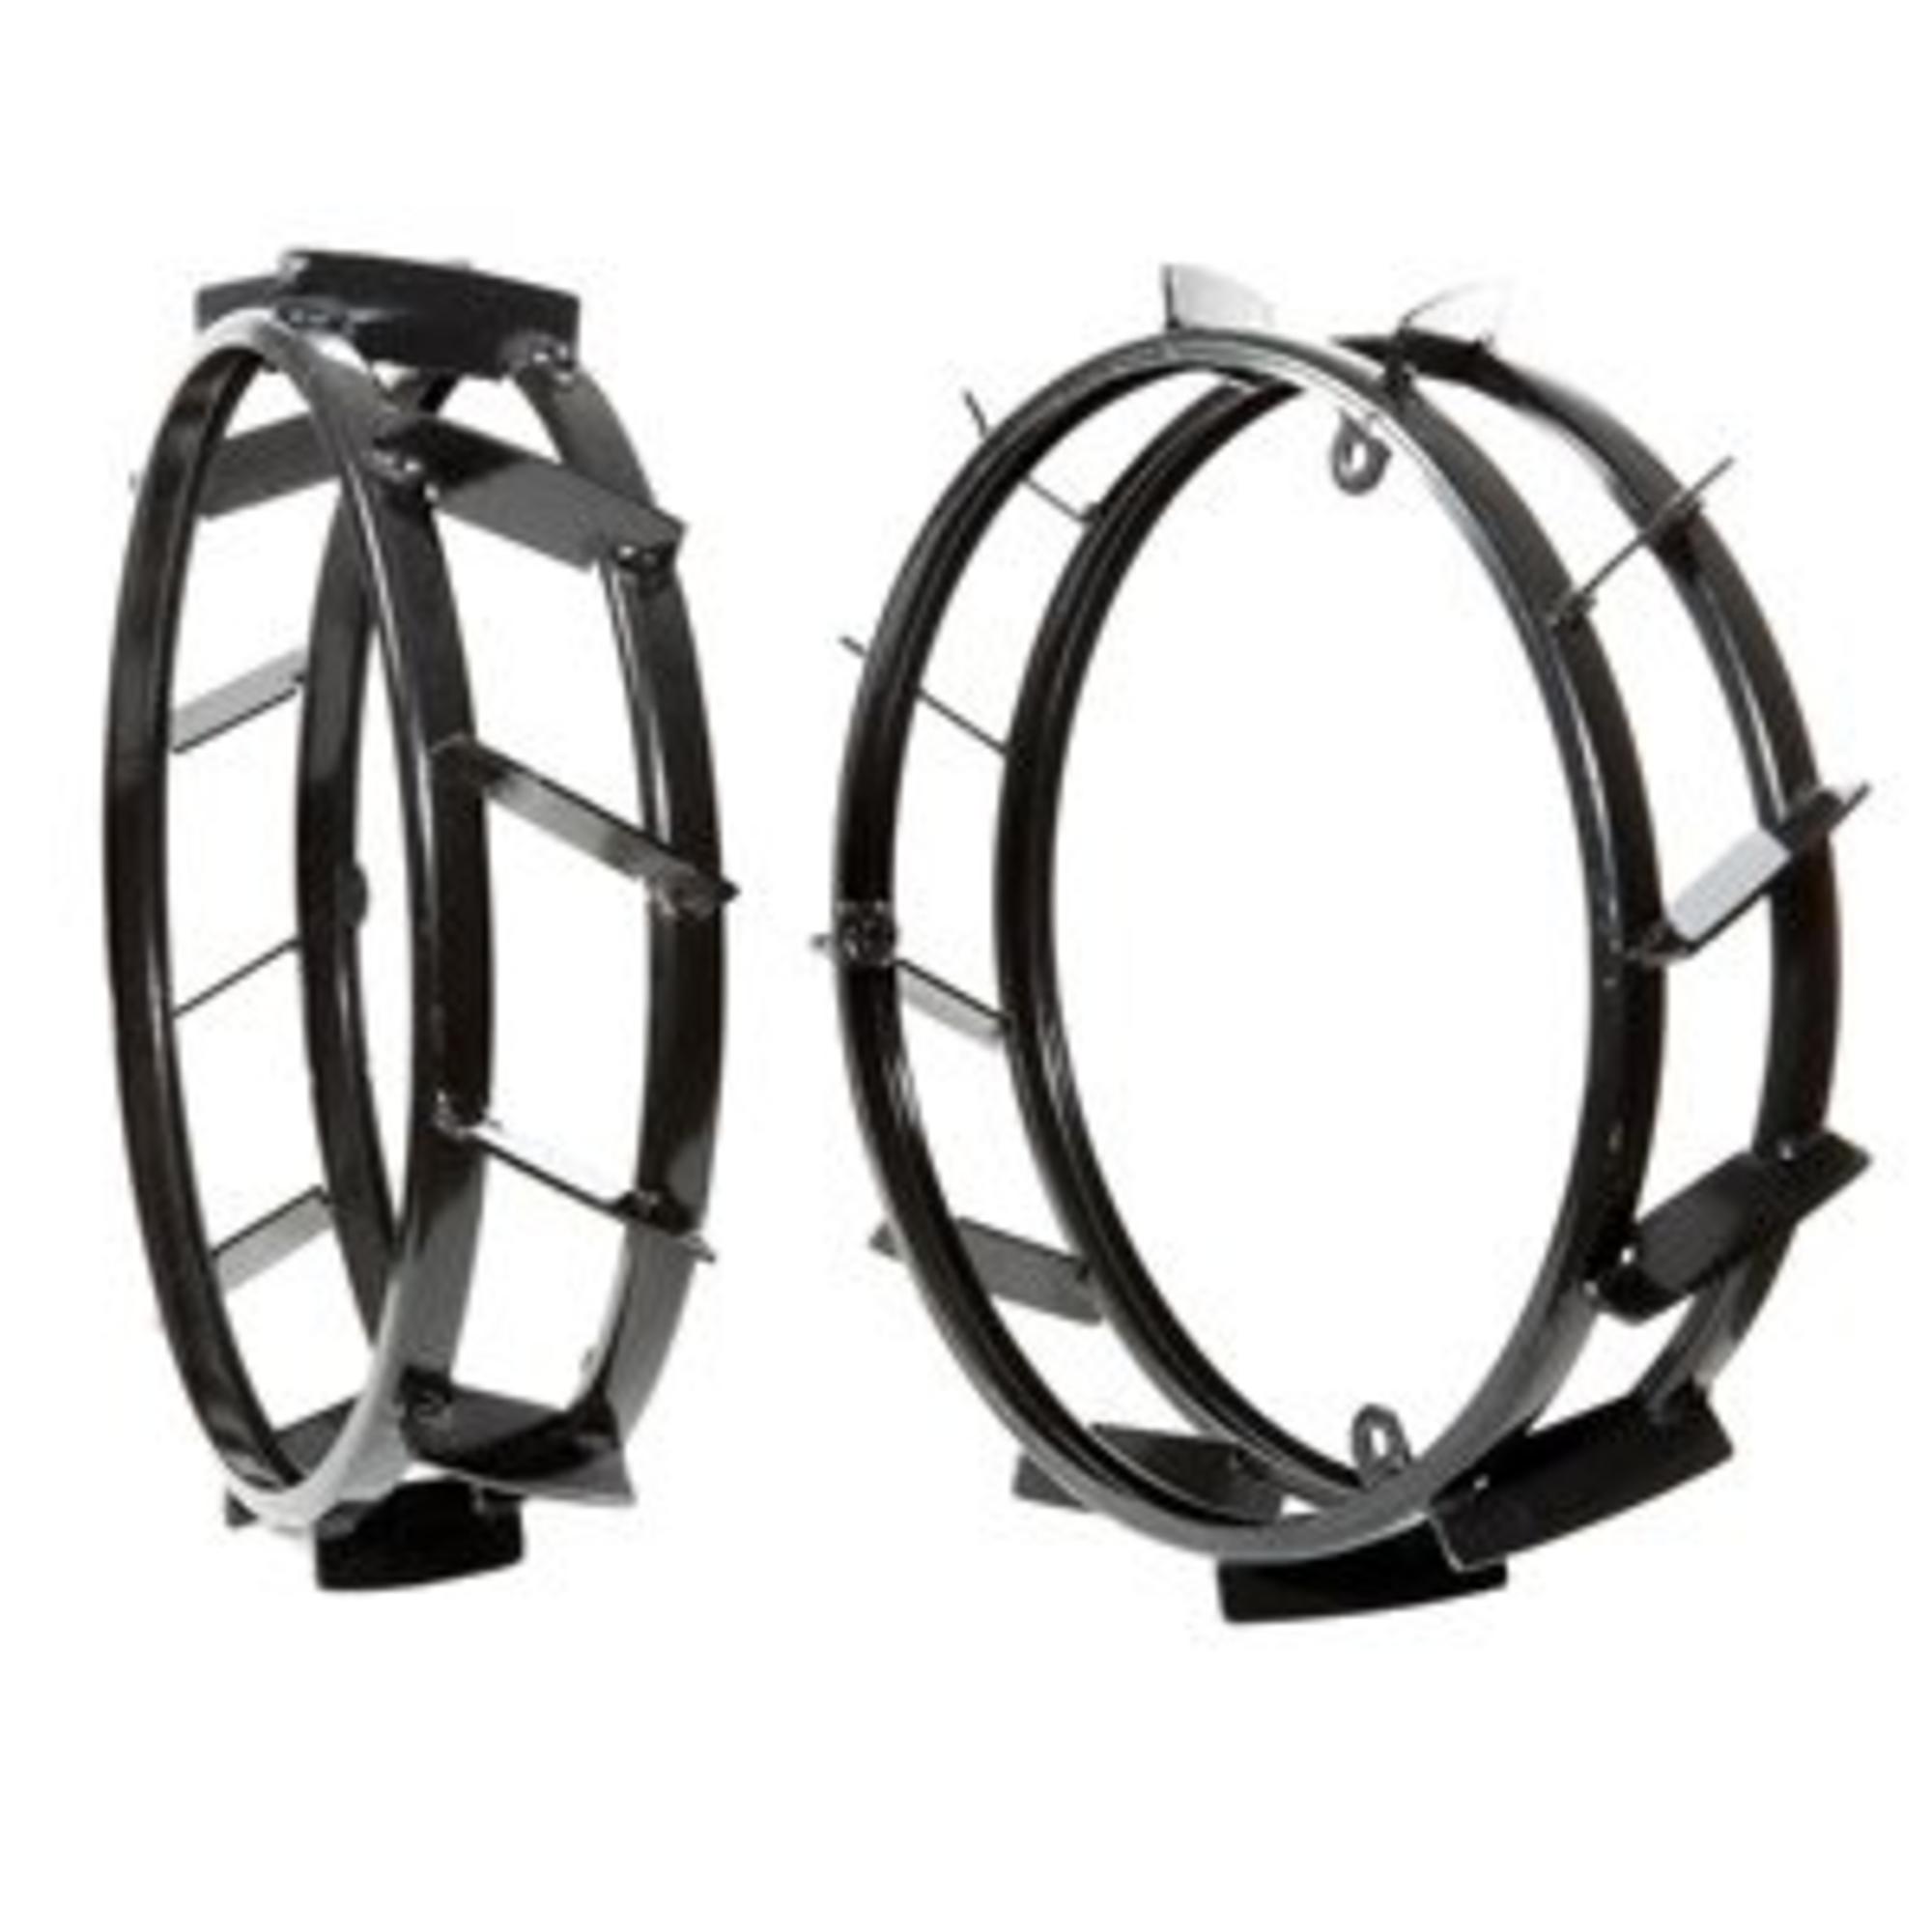 Bertolini Körmöskerék szélesítő gyűrű W 100 mm motoros kultivátorhoz 69209069